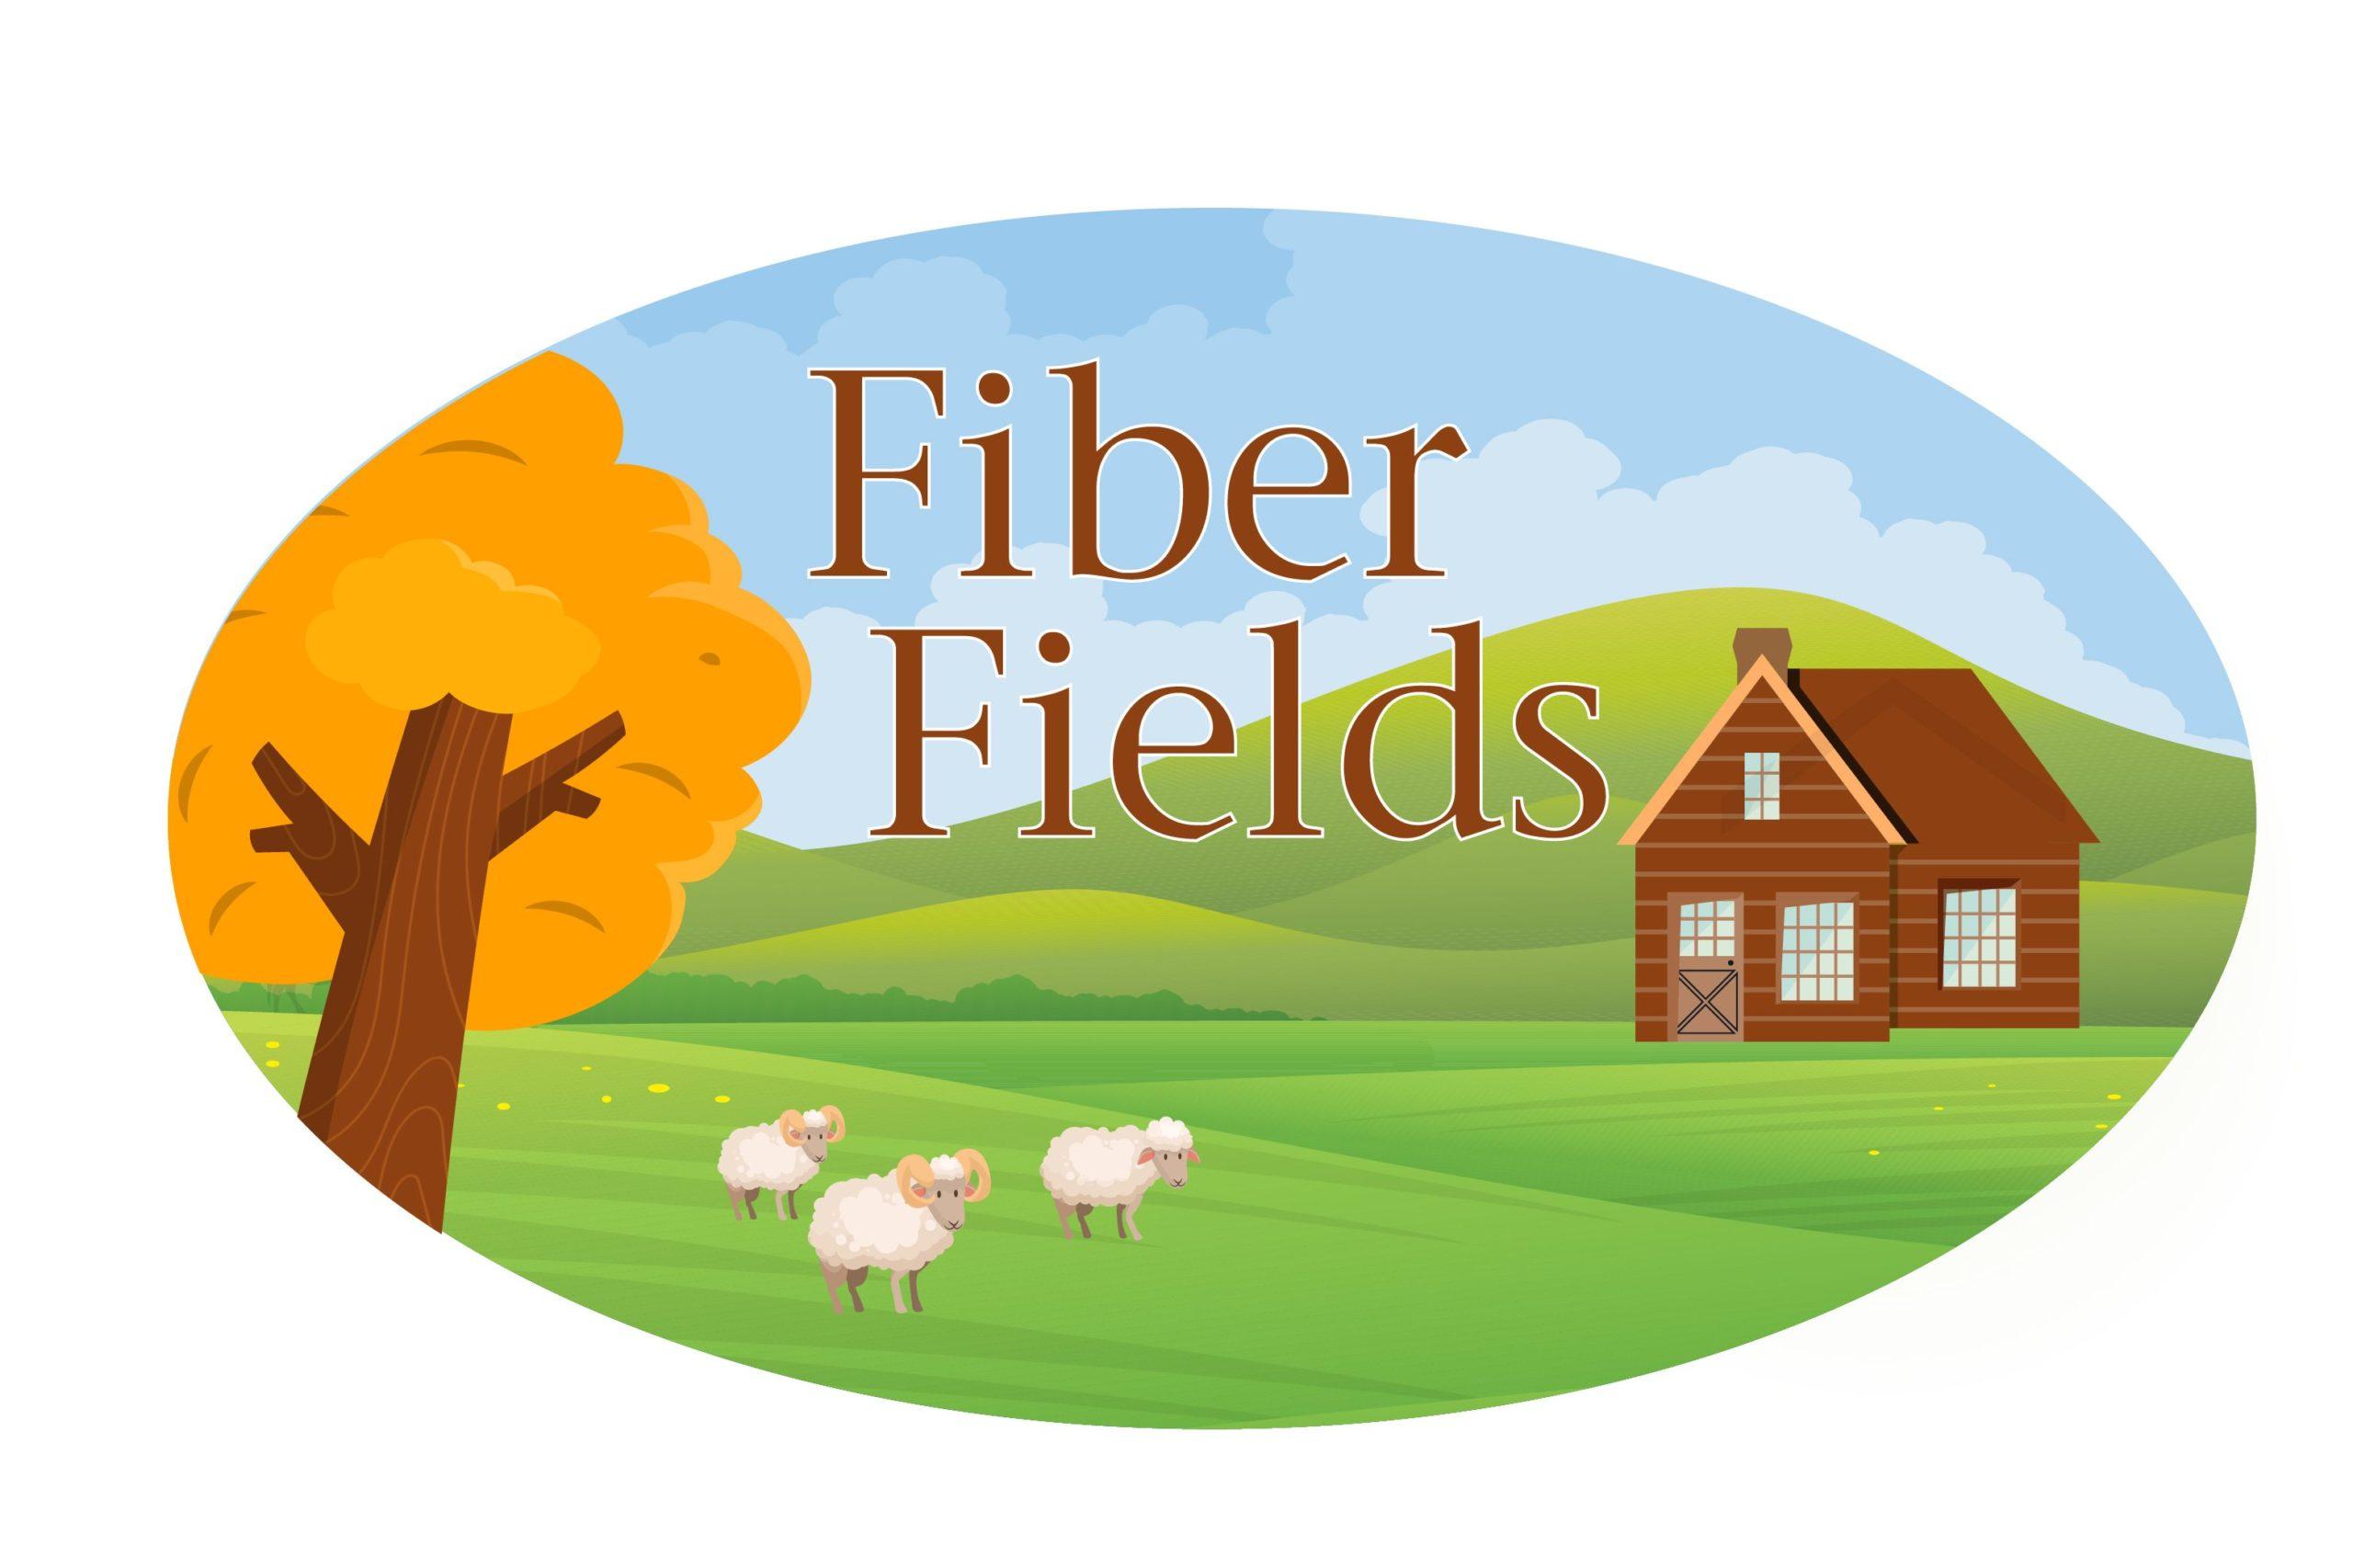 Fiber Fields